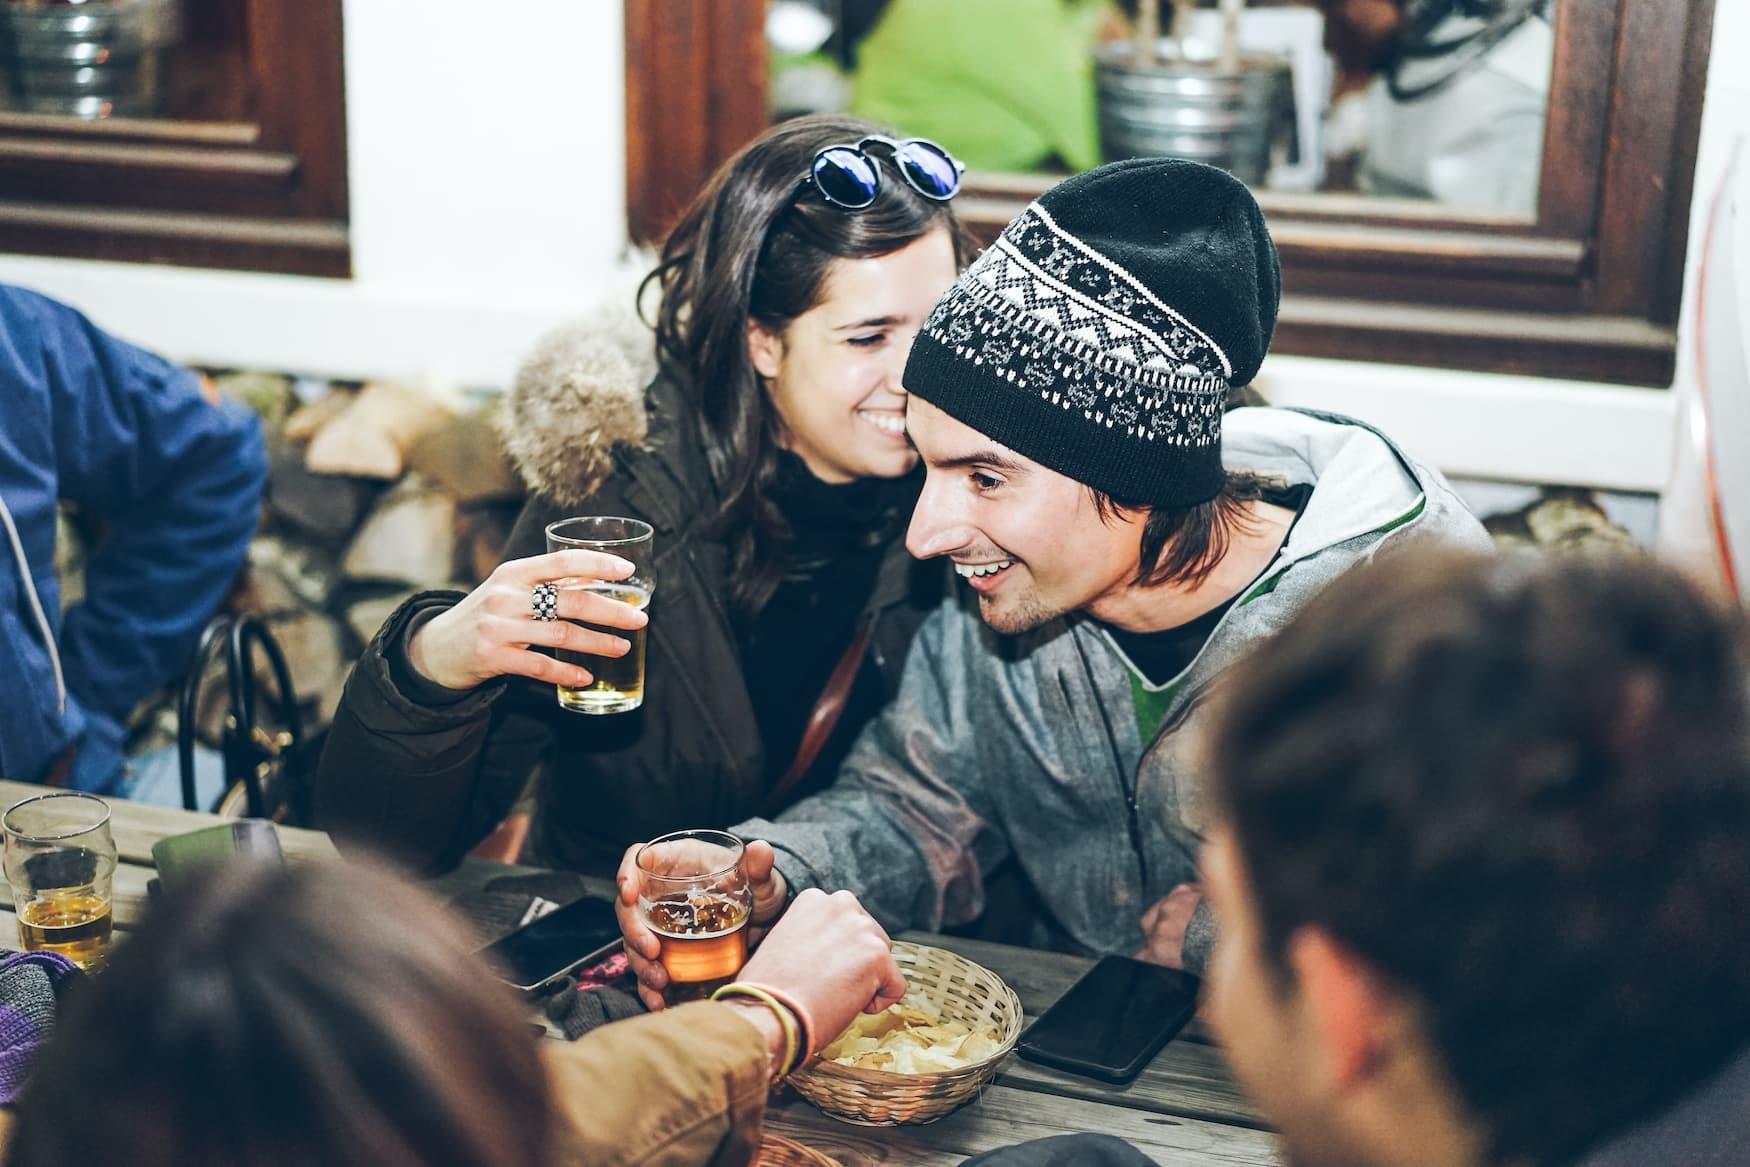 Freunde sitzen gemeinsam beim Apres Ski und trinken Bier